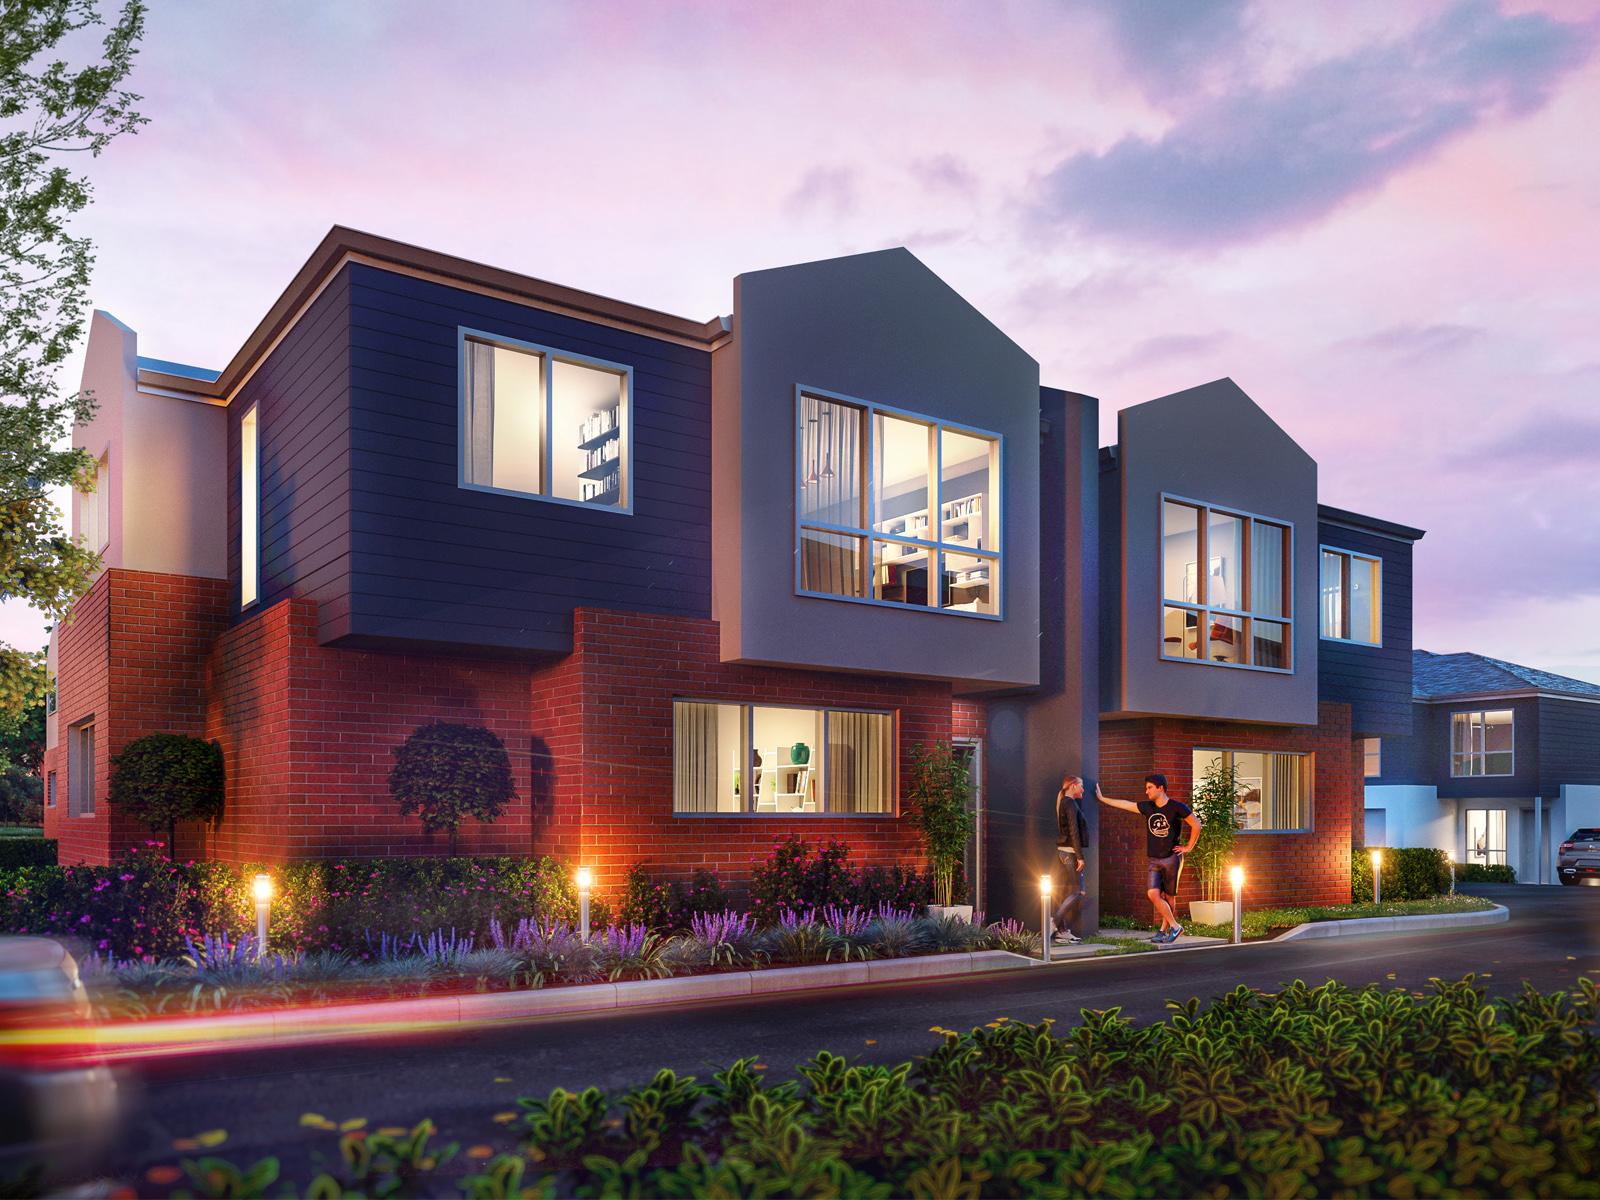 Gillespie park villas 3 bedroom real estate for sale for New home designs canberra